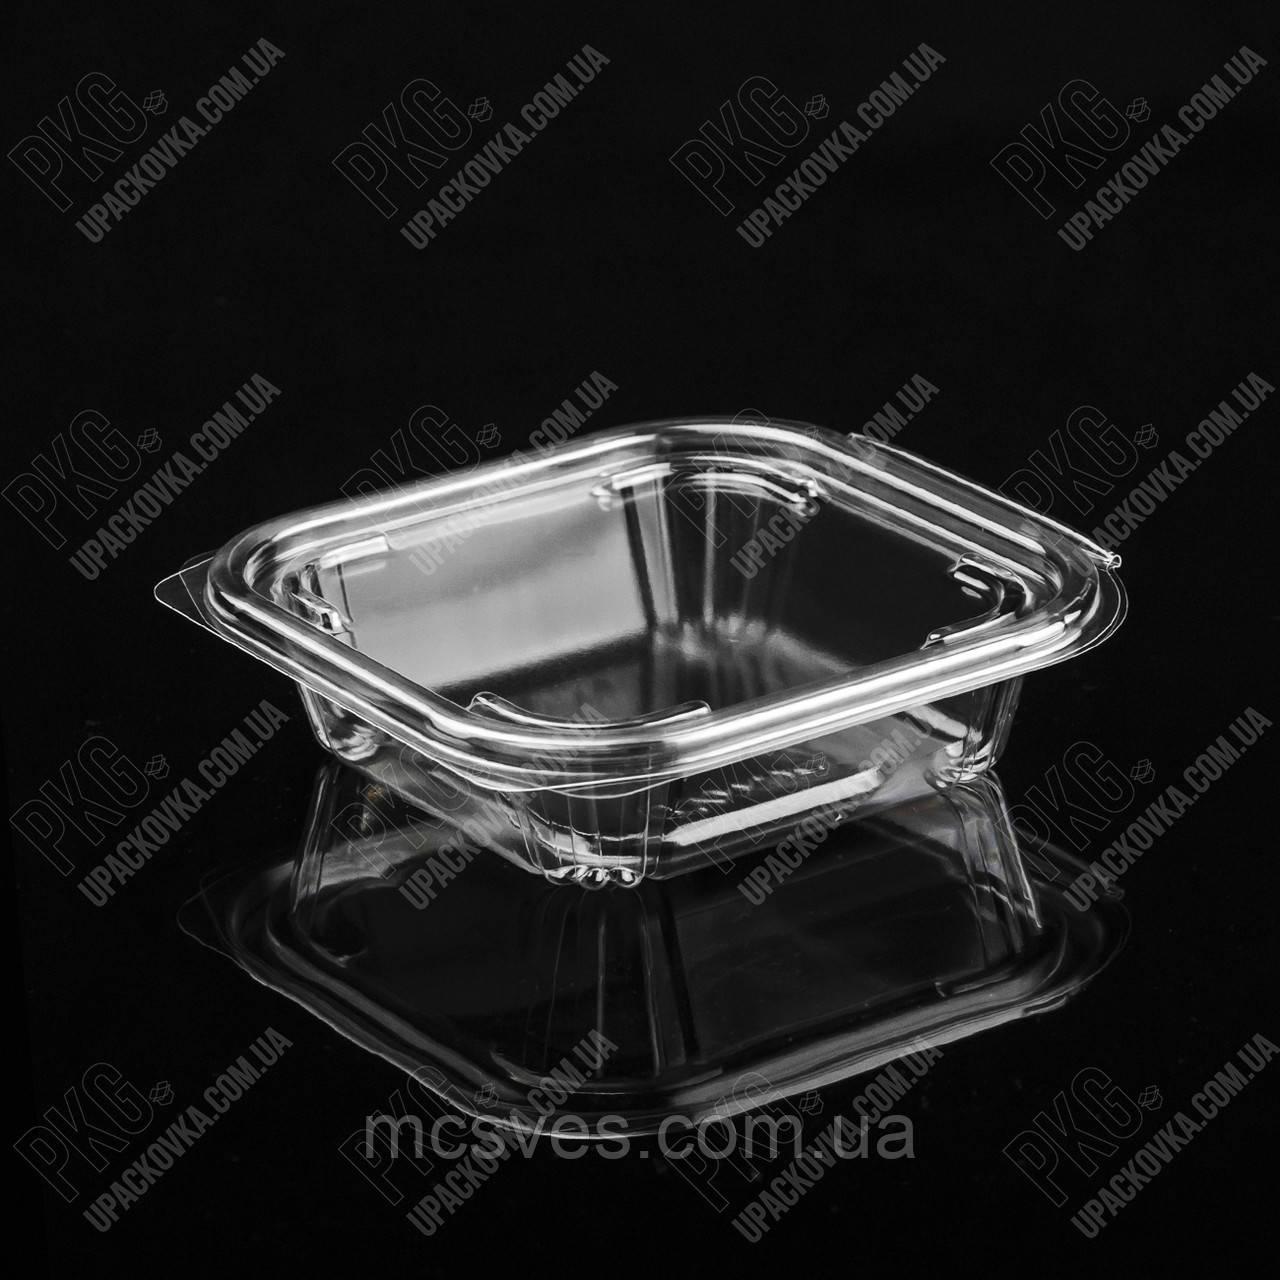 Упаковка для салатов безреберная с совместной крышкой РКСП-250, 480 шт/уп